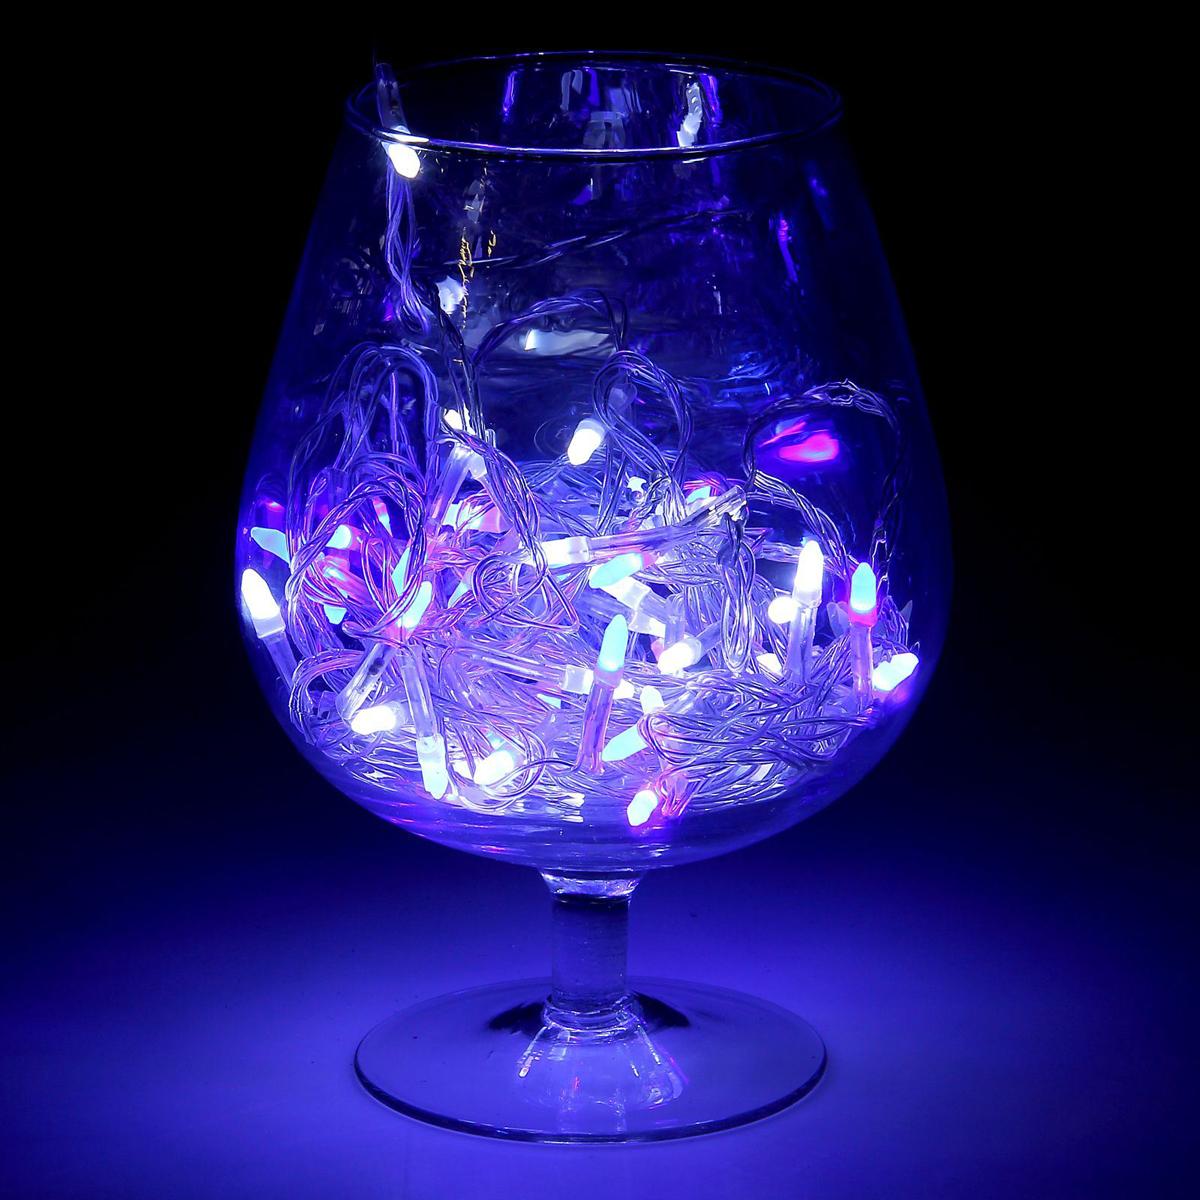 Гирлянда светодиодная Luazon Метраж. Игла, моргает, 50 ламп, 220 V, 5 м, цвет: синий. 10805191080519Светодиодные гирлянды, ленты и т.д. — это отличный вариант для новогоднего оформления интерьера или фасада. С их помощью помещение любого размера можно превратить в праздничный зал, а внешние элементы зданий, украшенные ими, мгновенно станут напоминать очертания сказочного дворца. Такие украшения создают ауру предвкушения чуда. Деревья, фасады, витрины, окна и арки будто специально созданы, чтобы вы украсили их светящимися нитями.